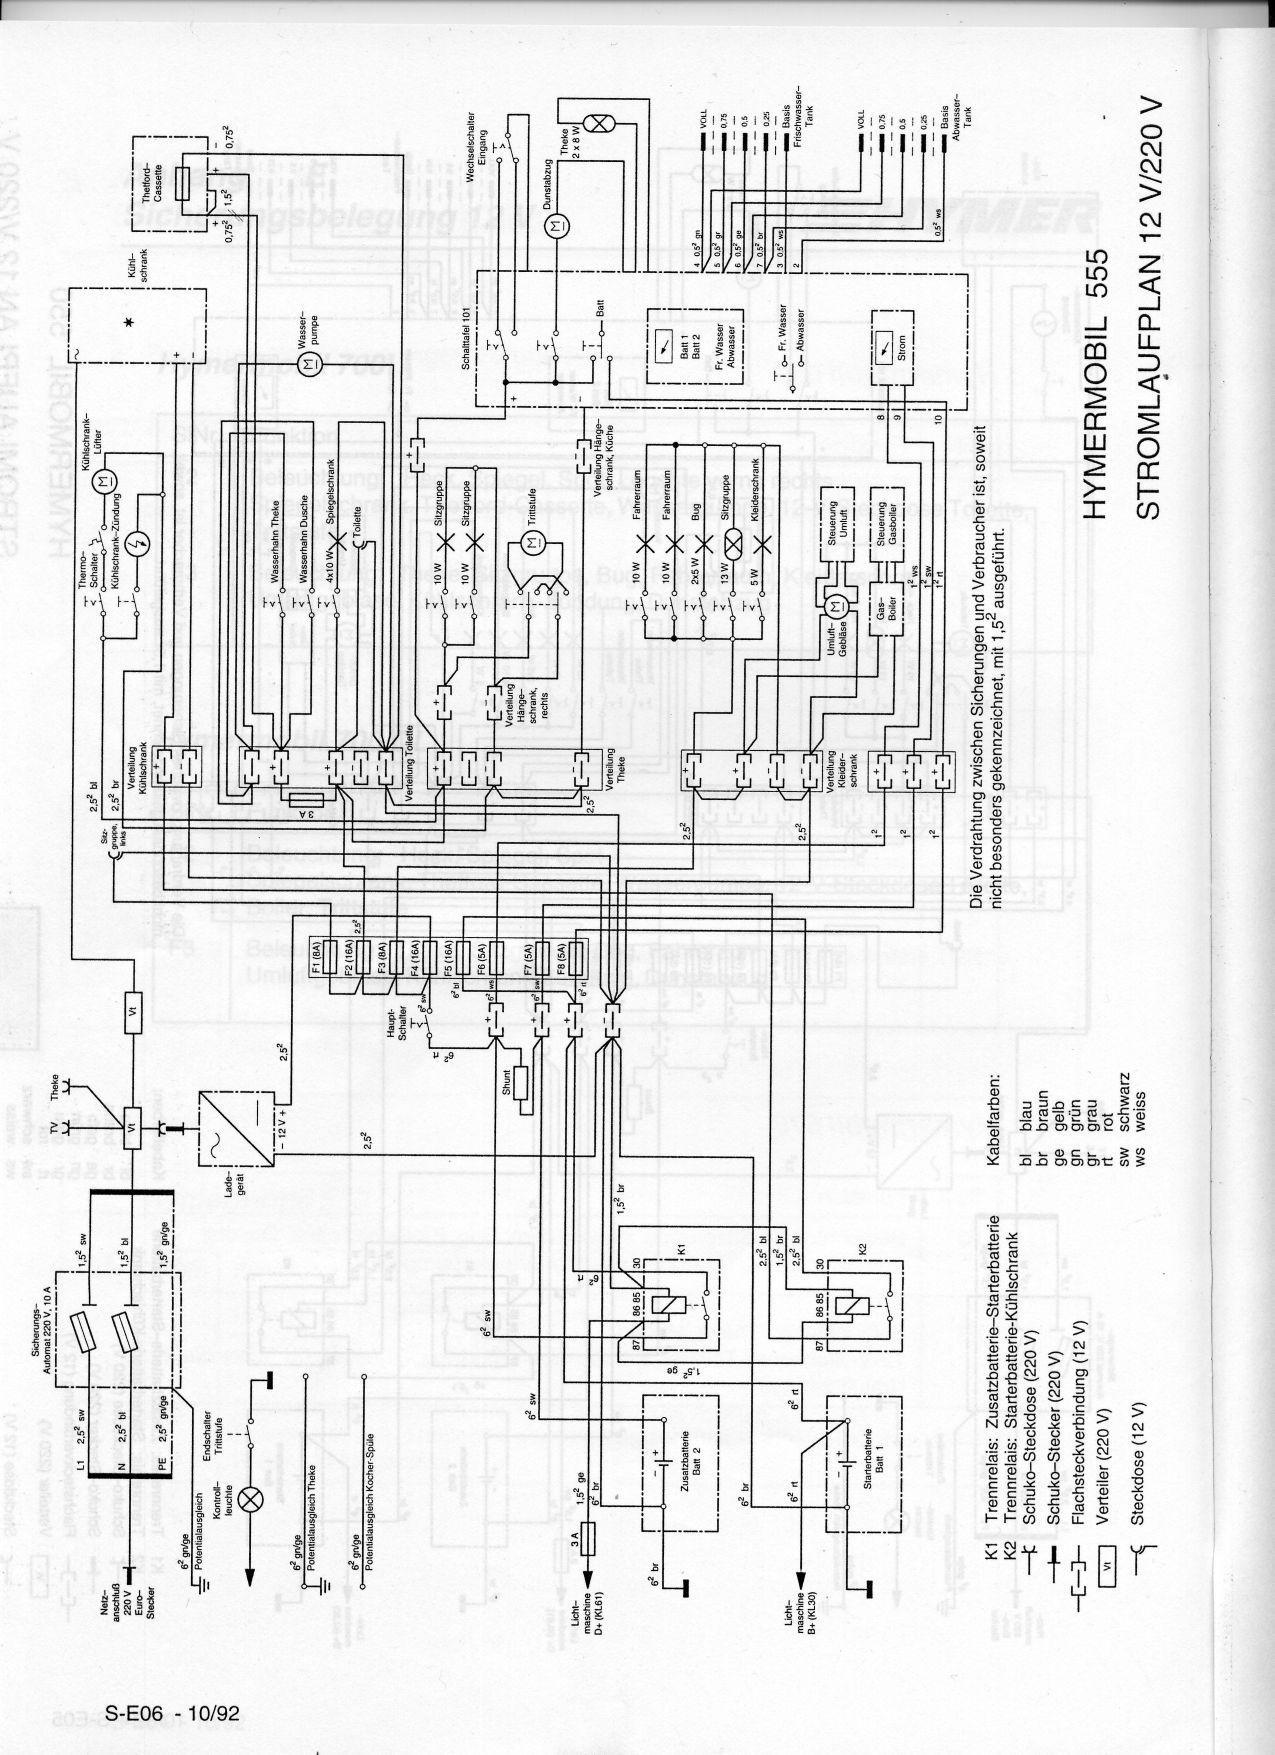 Berühmt Ge Nebeneinander Kühlschrank Schaltplan Bilder - Schaltplan ...